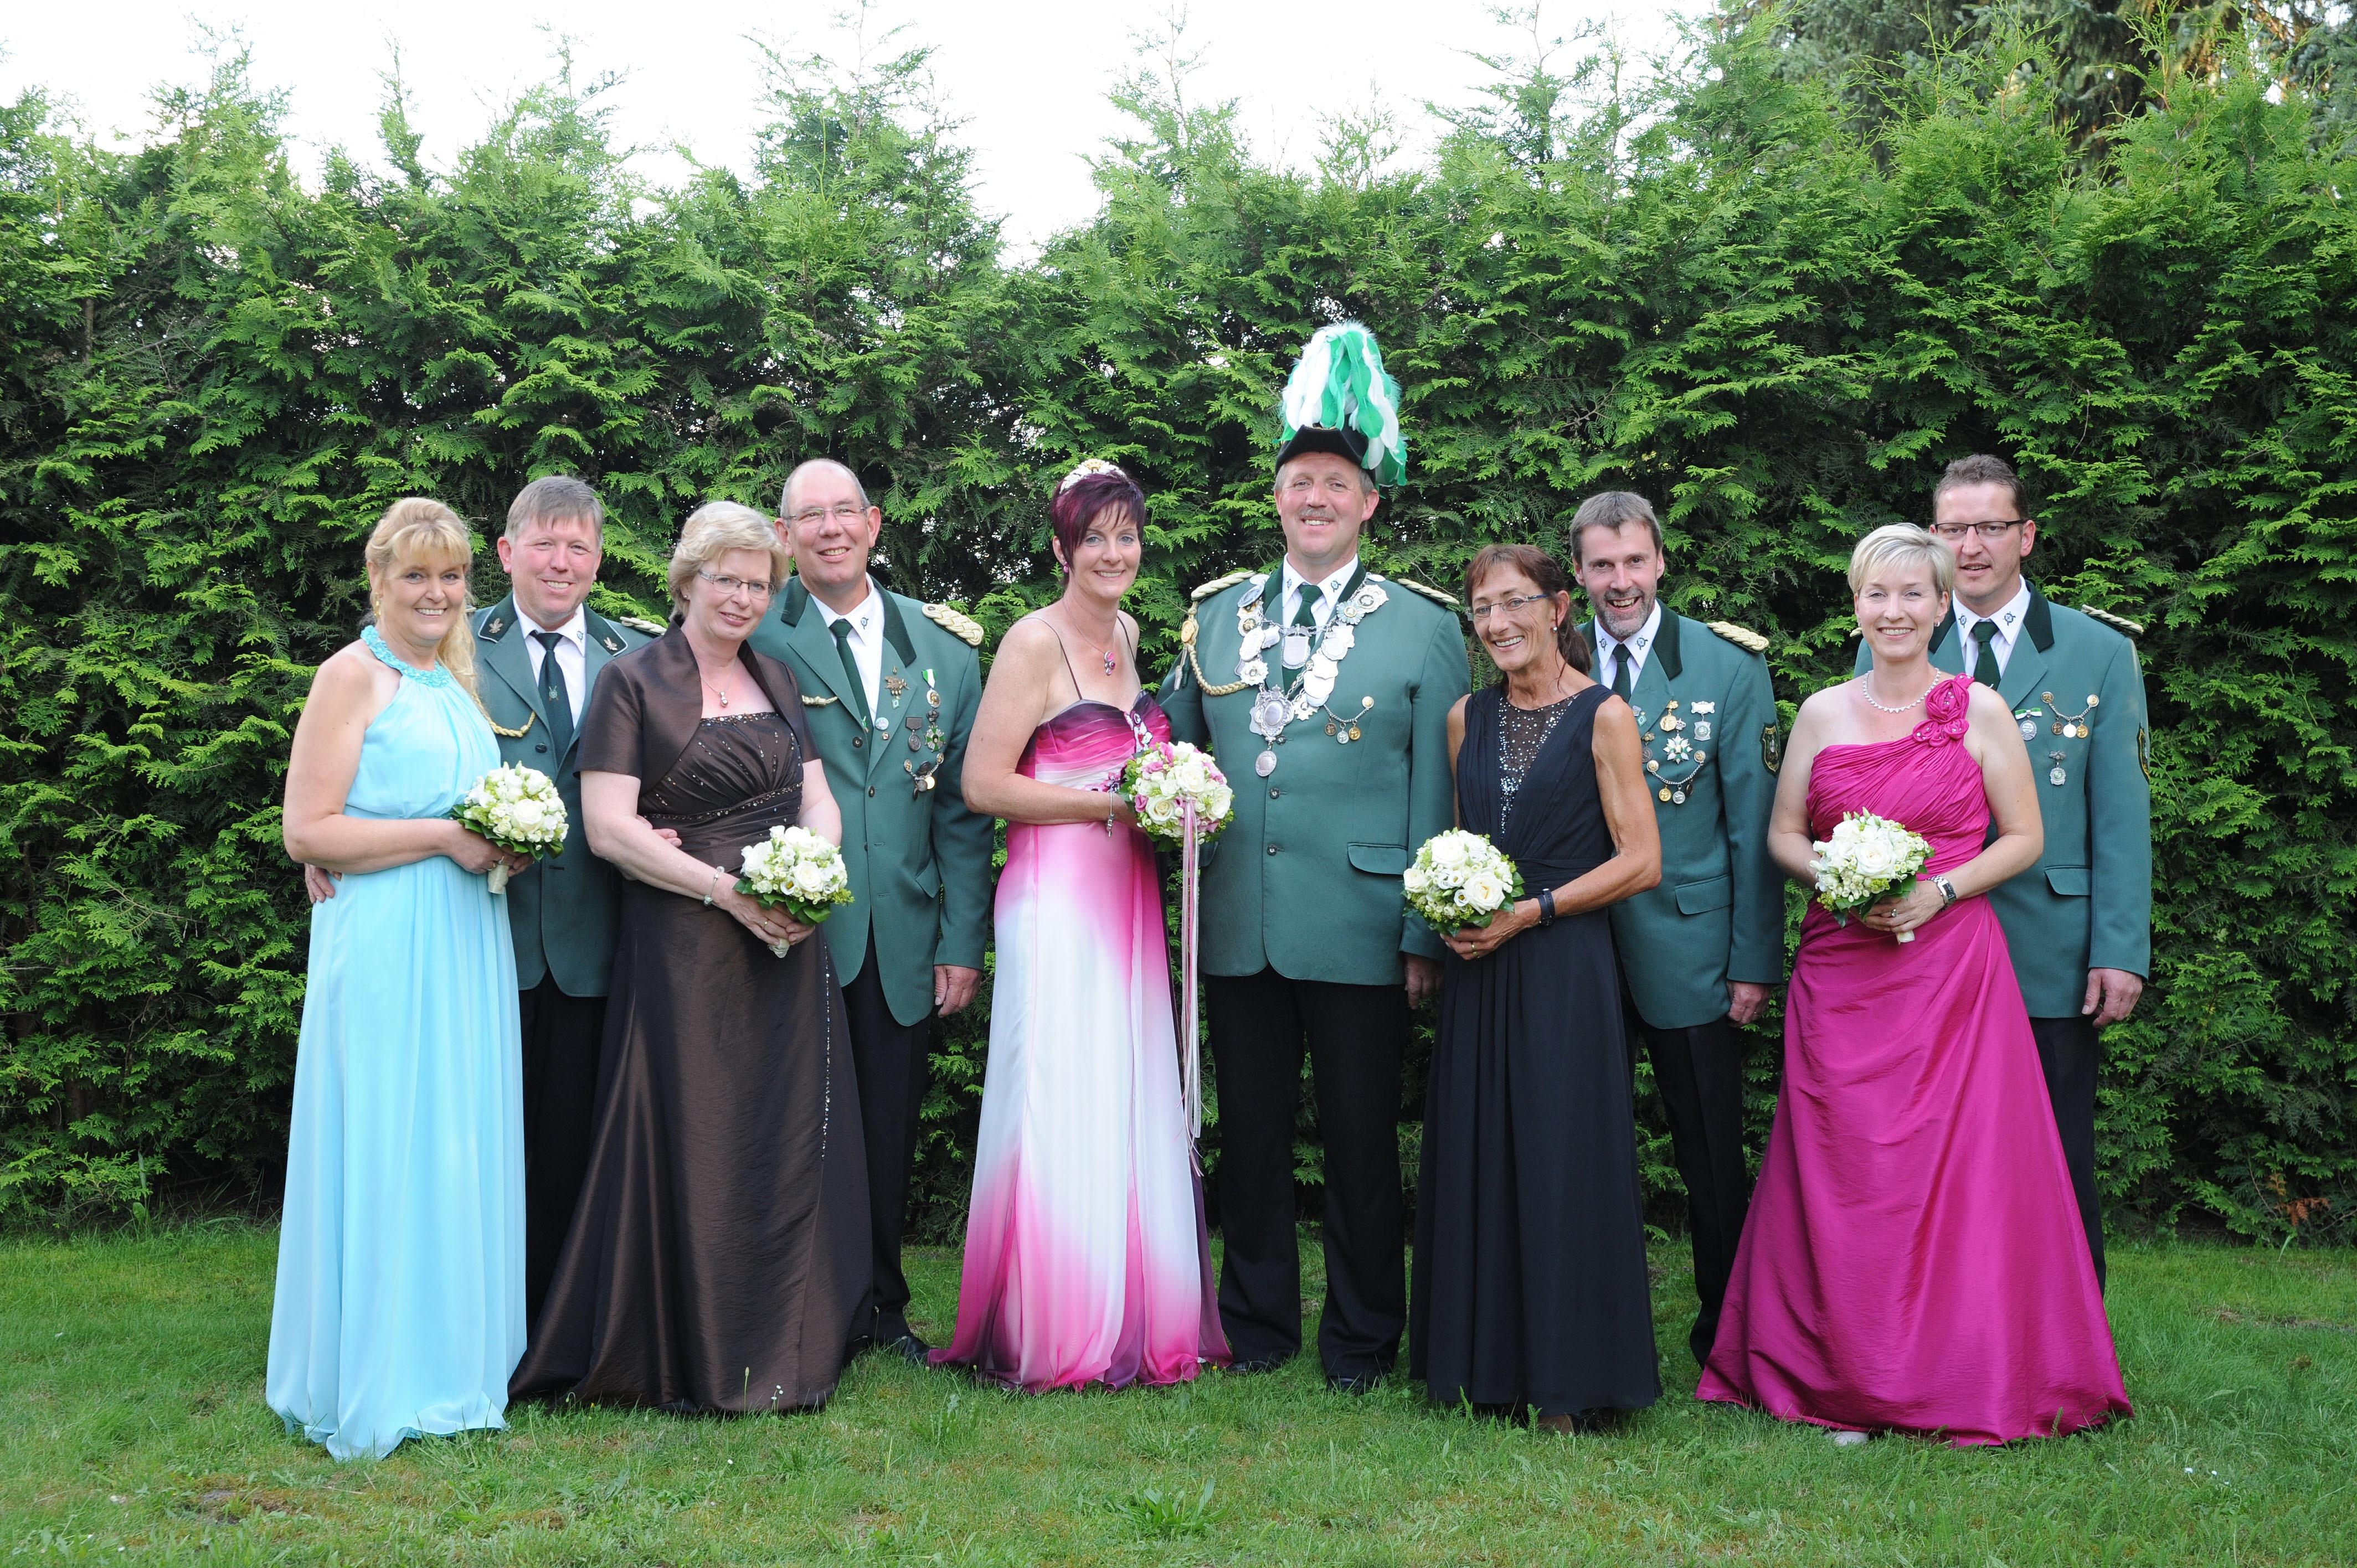 Von links: Hermann und Theresia Hartmann, Reinhold und Elisabeth Lemper, König Martin und Königin Inka Lemper, Heinz-Hermann und Monika Völlering, Rainer und Kerstin Hessel.